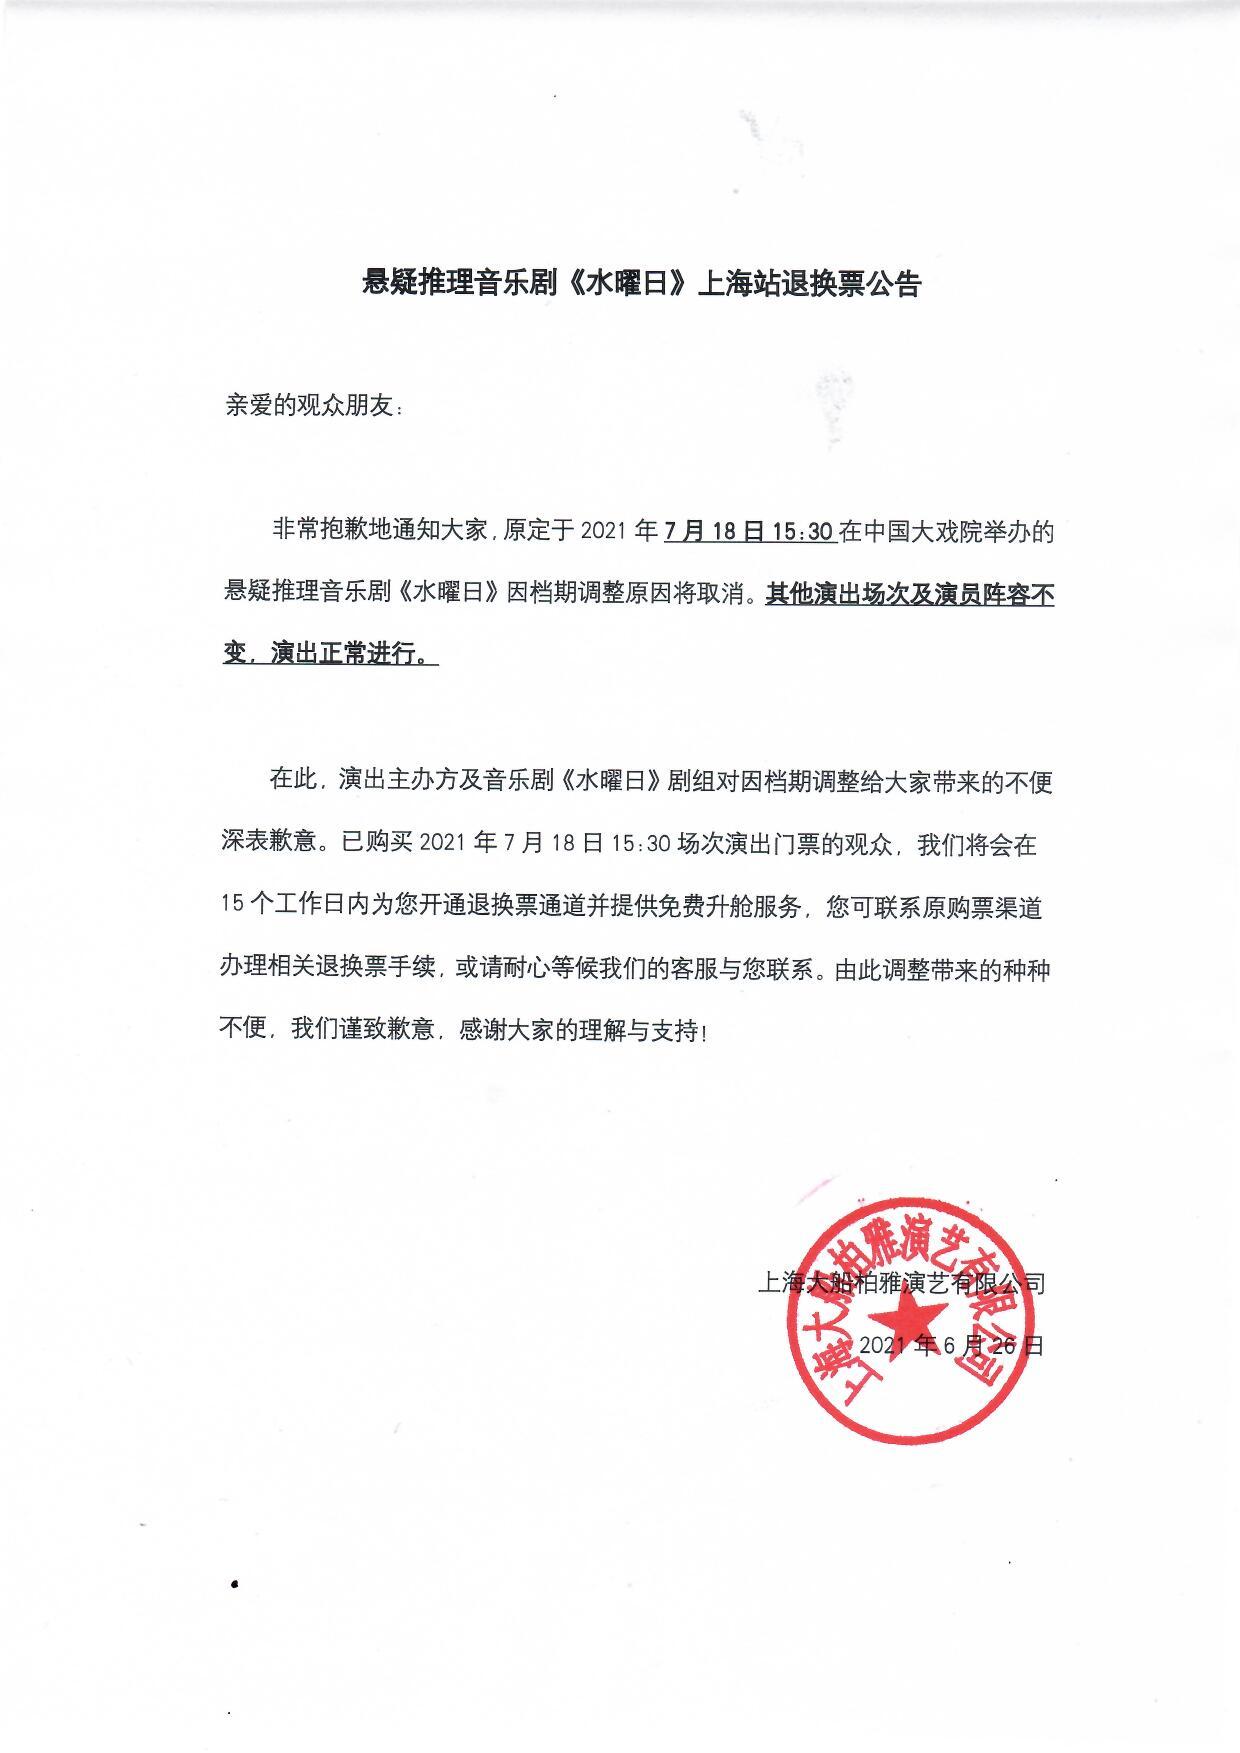 2021大船文化·悬疑推理音乐剧《水曜日》中文版-上海站